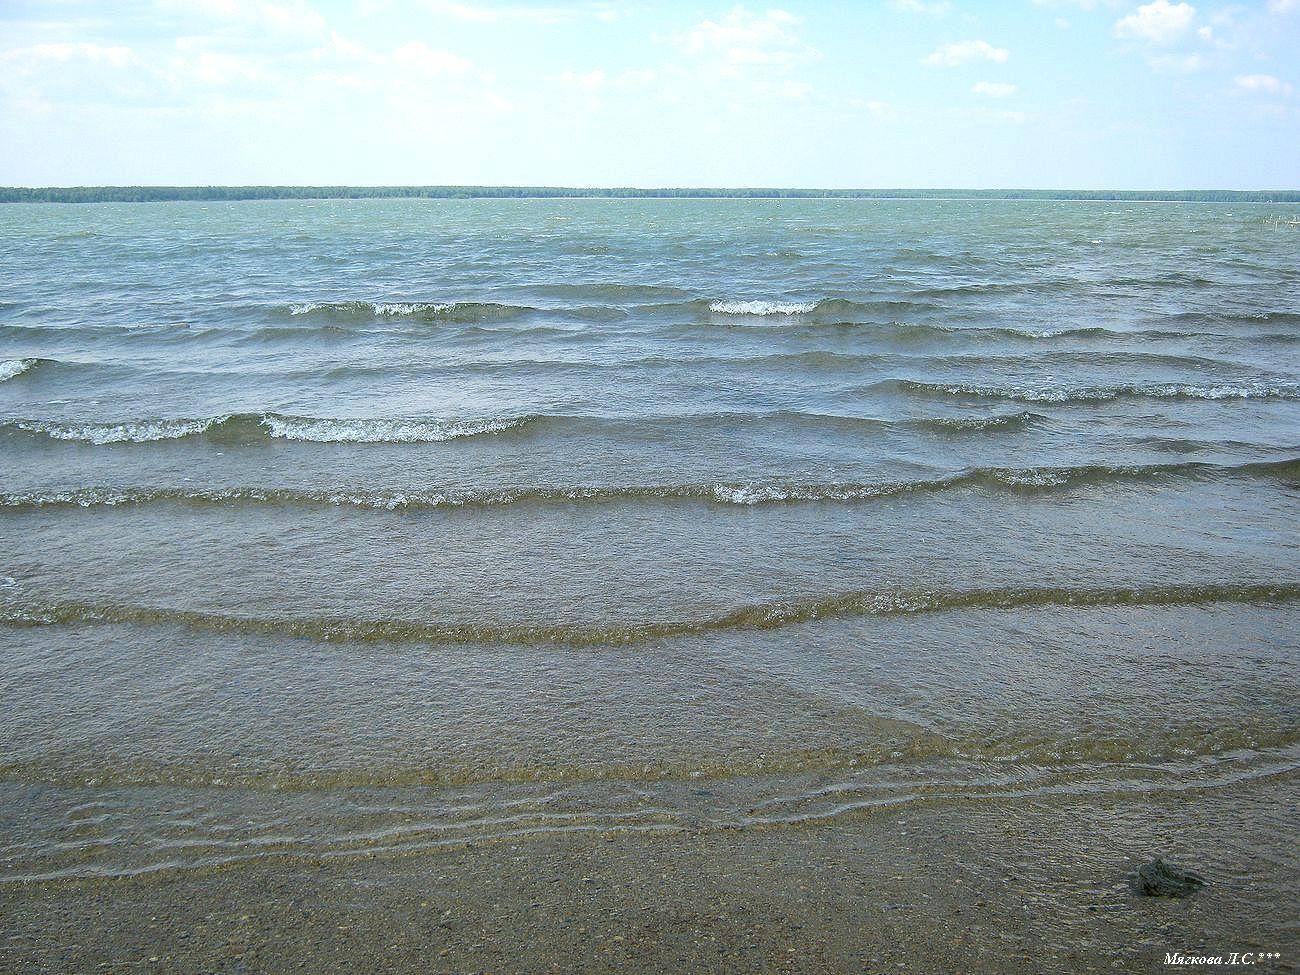 000 вода.jpg